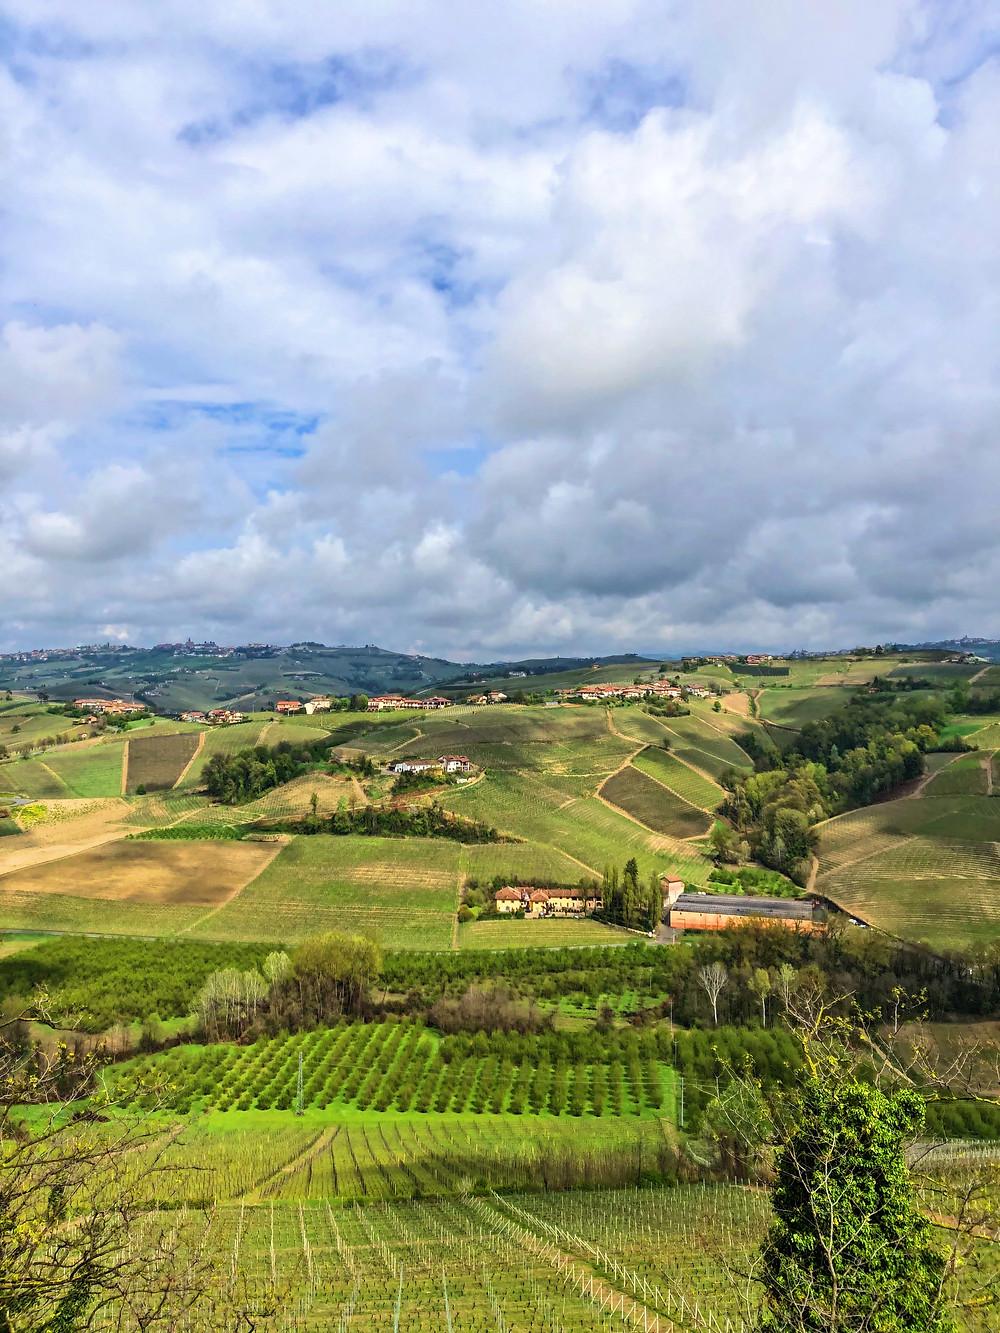 vineyard view from Castiglione Falleto to La Morra from Vietti winery producing Barolo DOCG